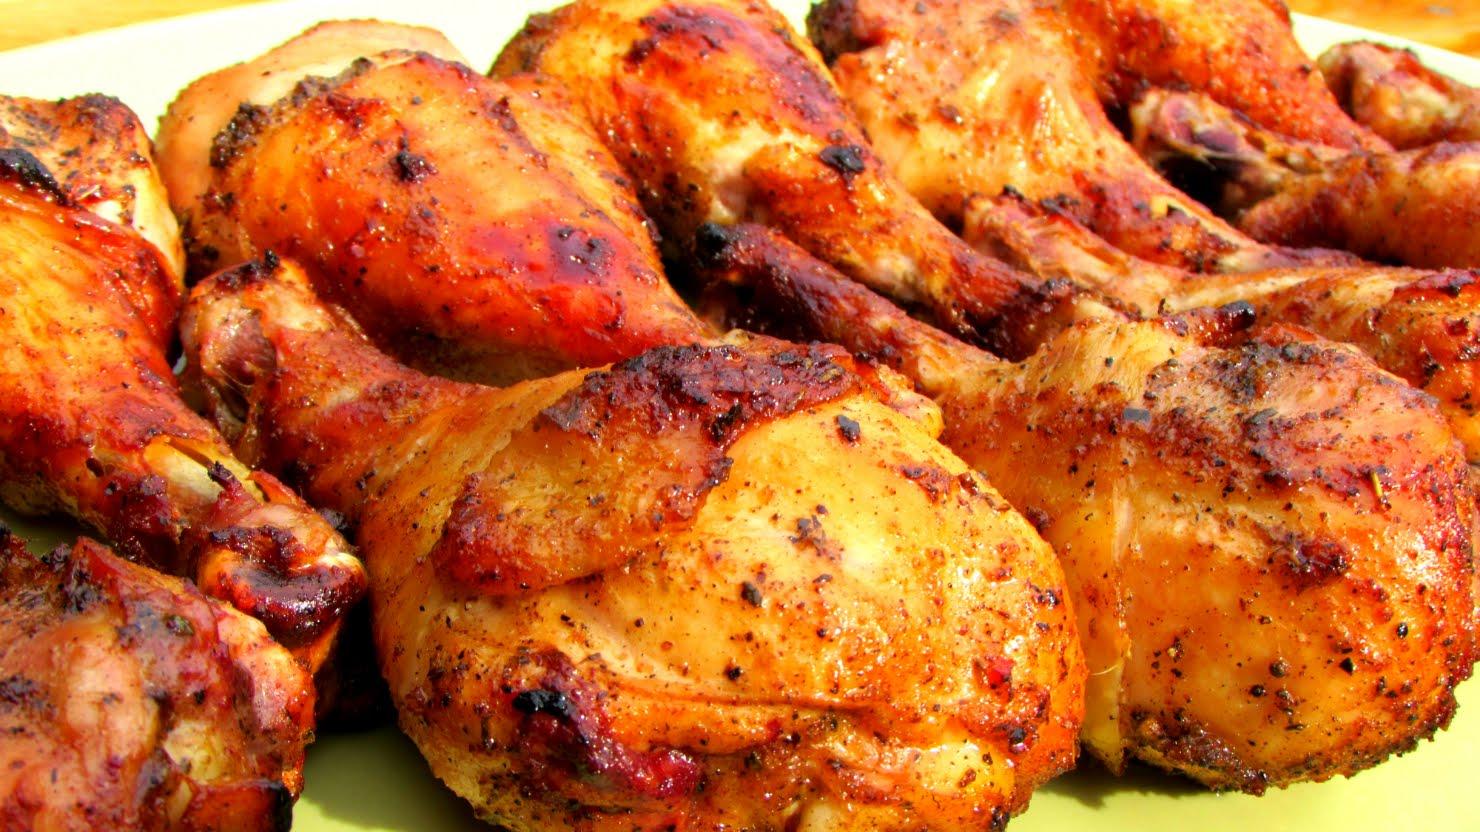 zesty marinated grilled chicken legs bbq chicken recipe recipe flow. Black Bedroom Furniture Sets. Home Design Ideas